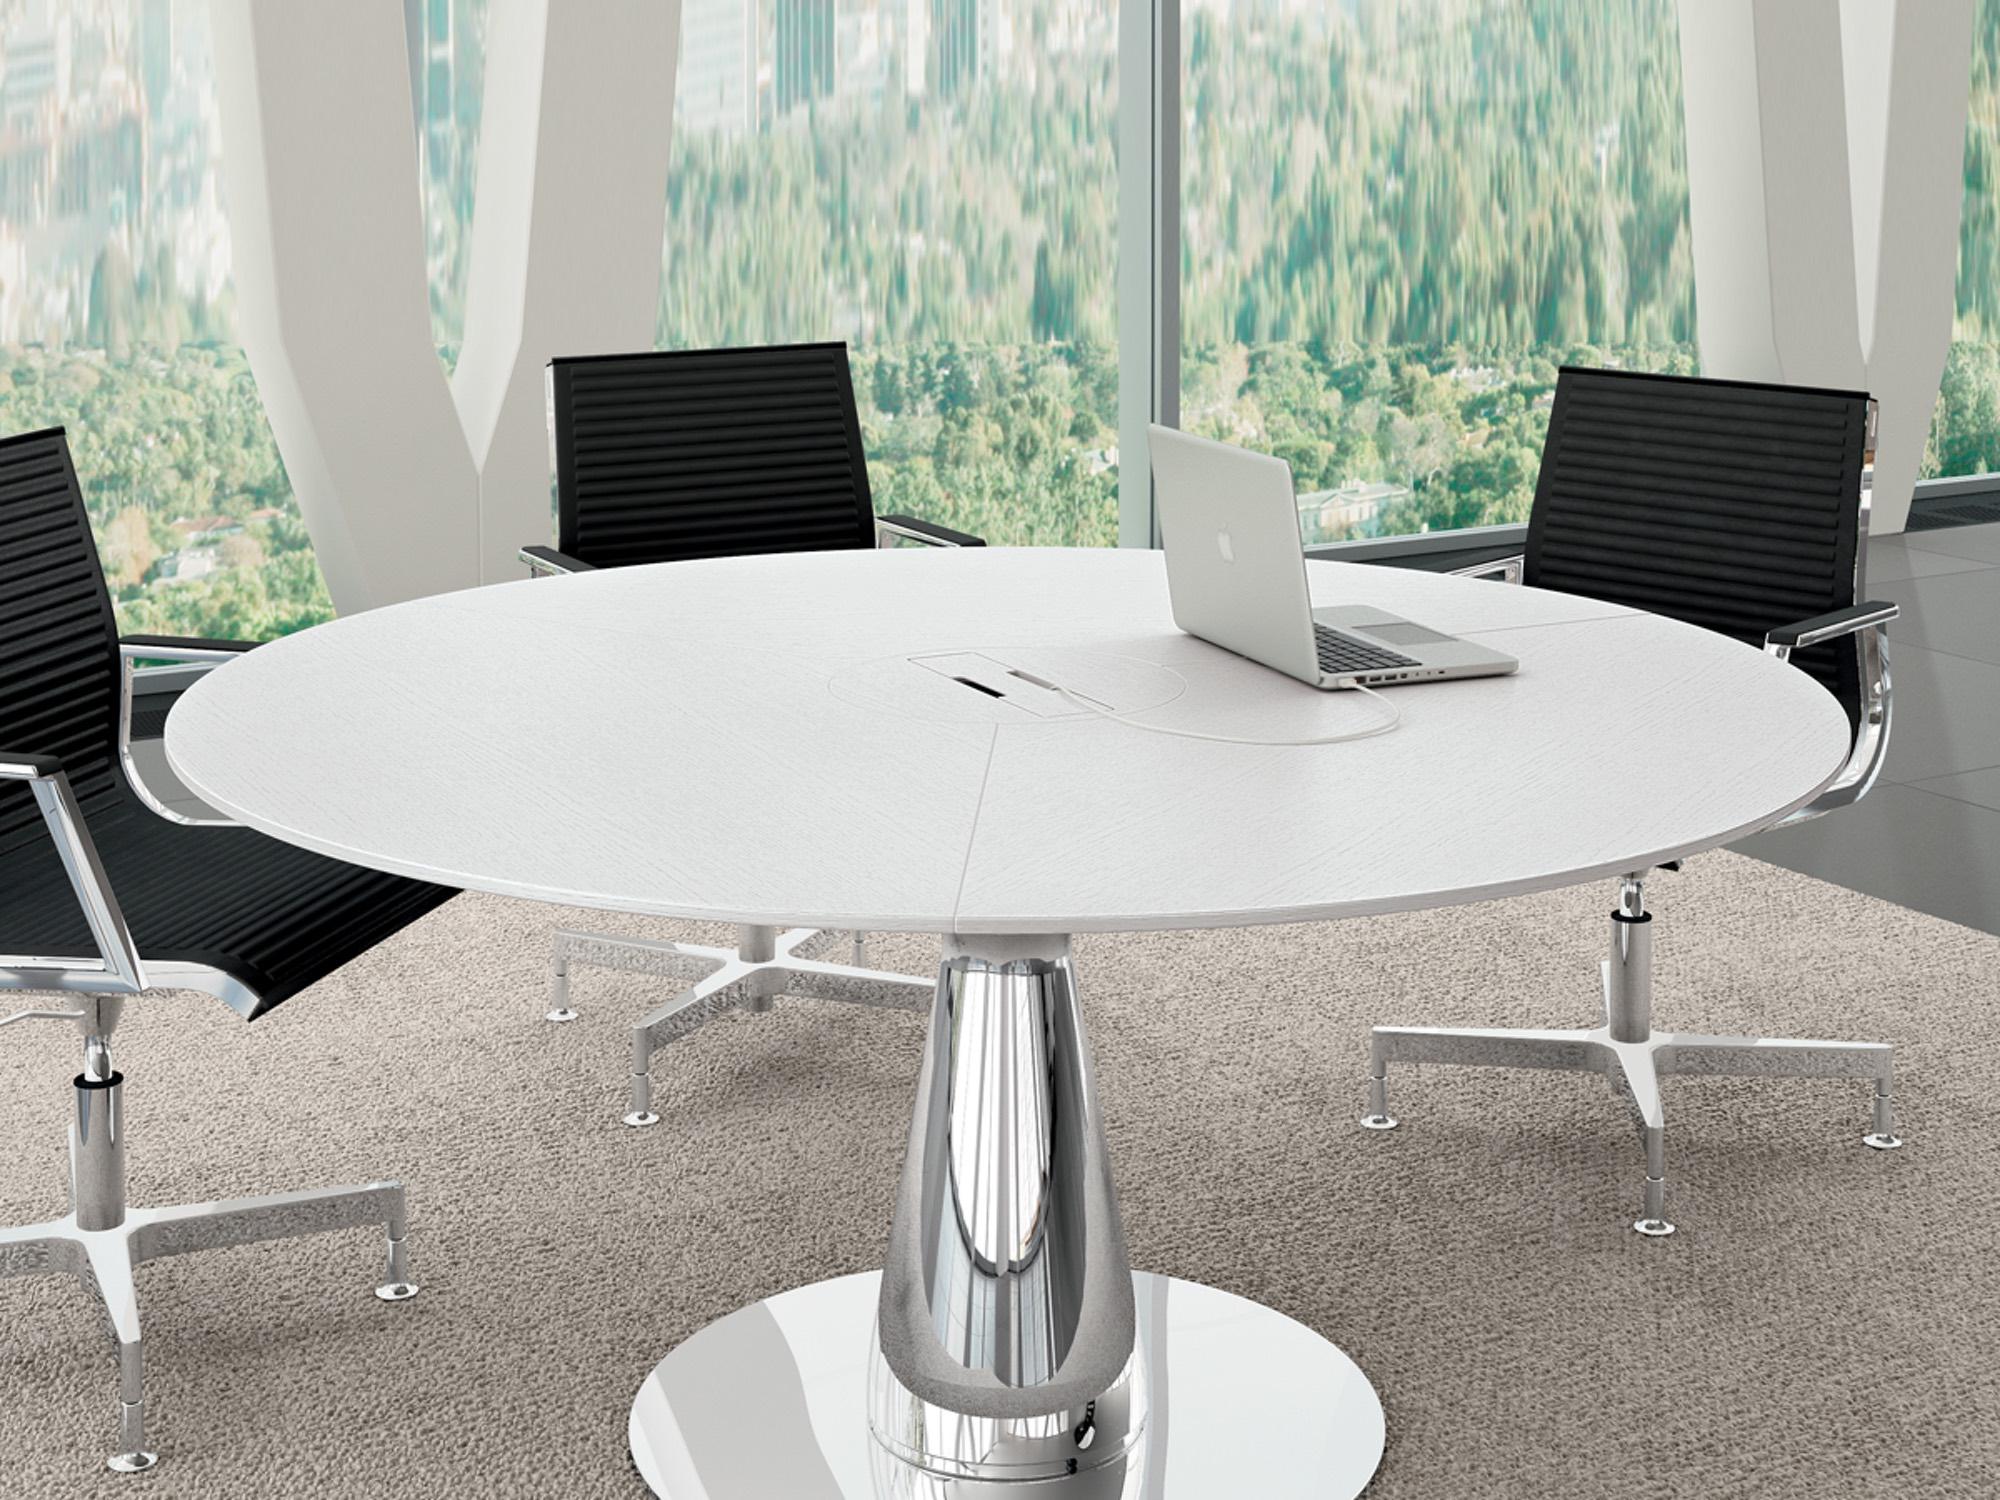 Bralco Metar Besprechungstisch Mit Tischplatte Furnier 160 X 160